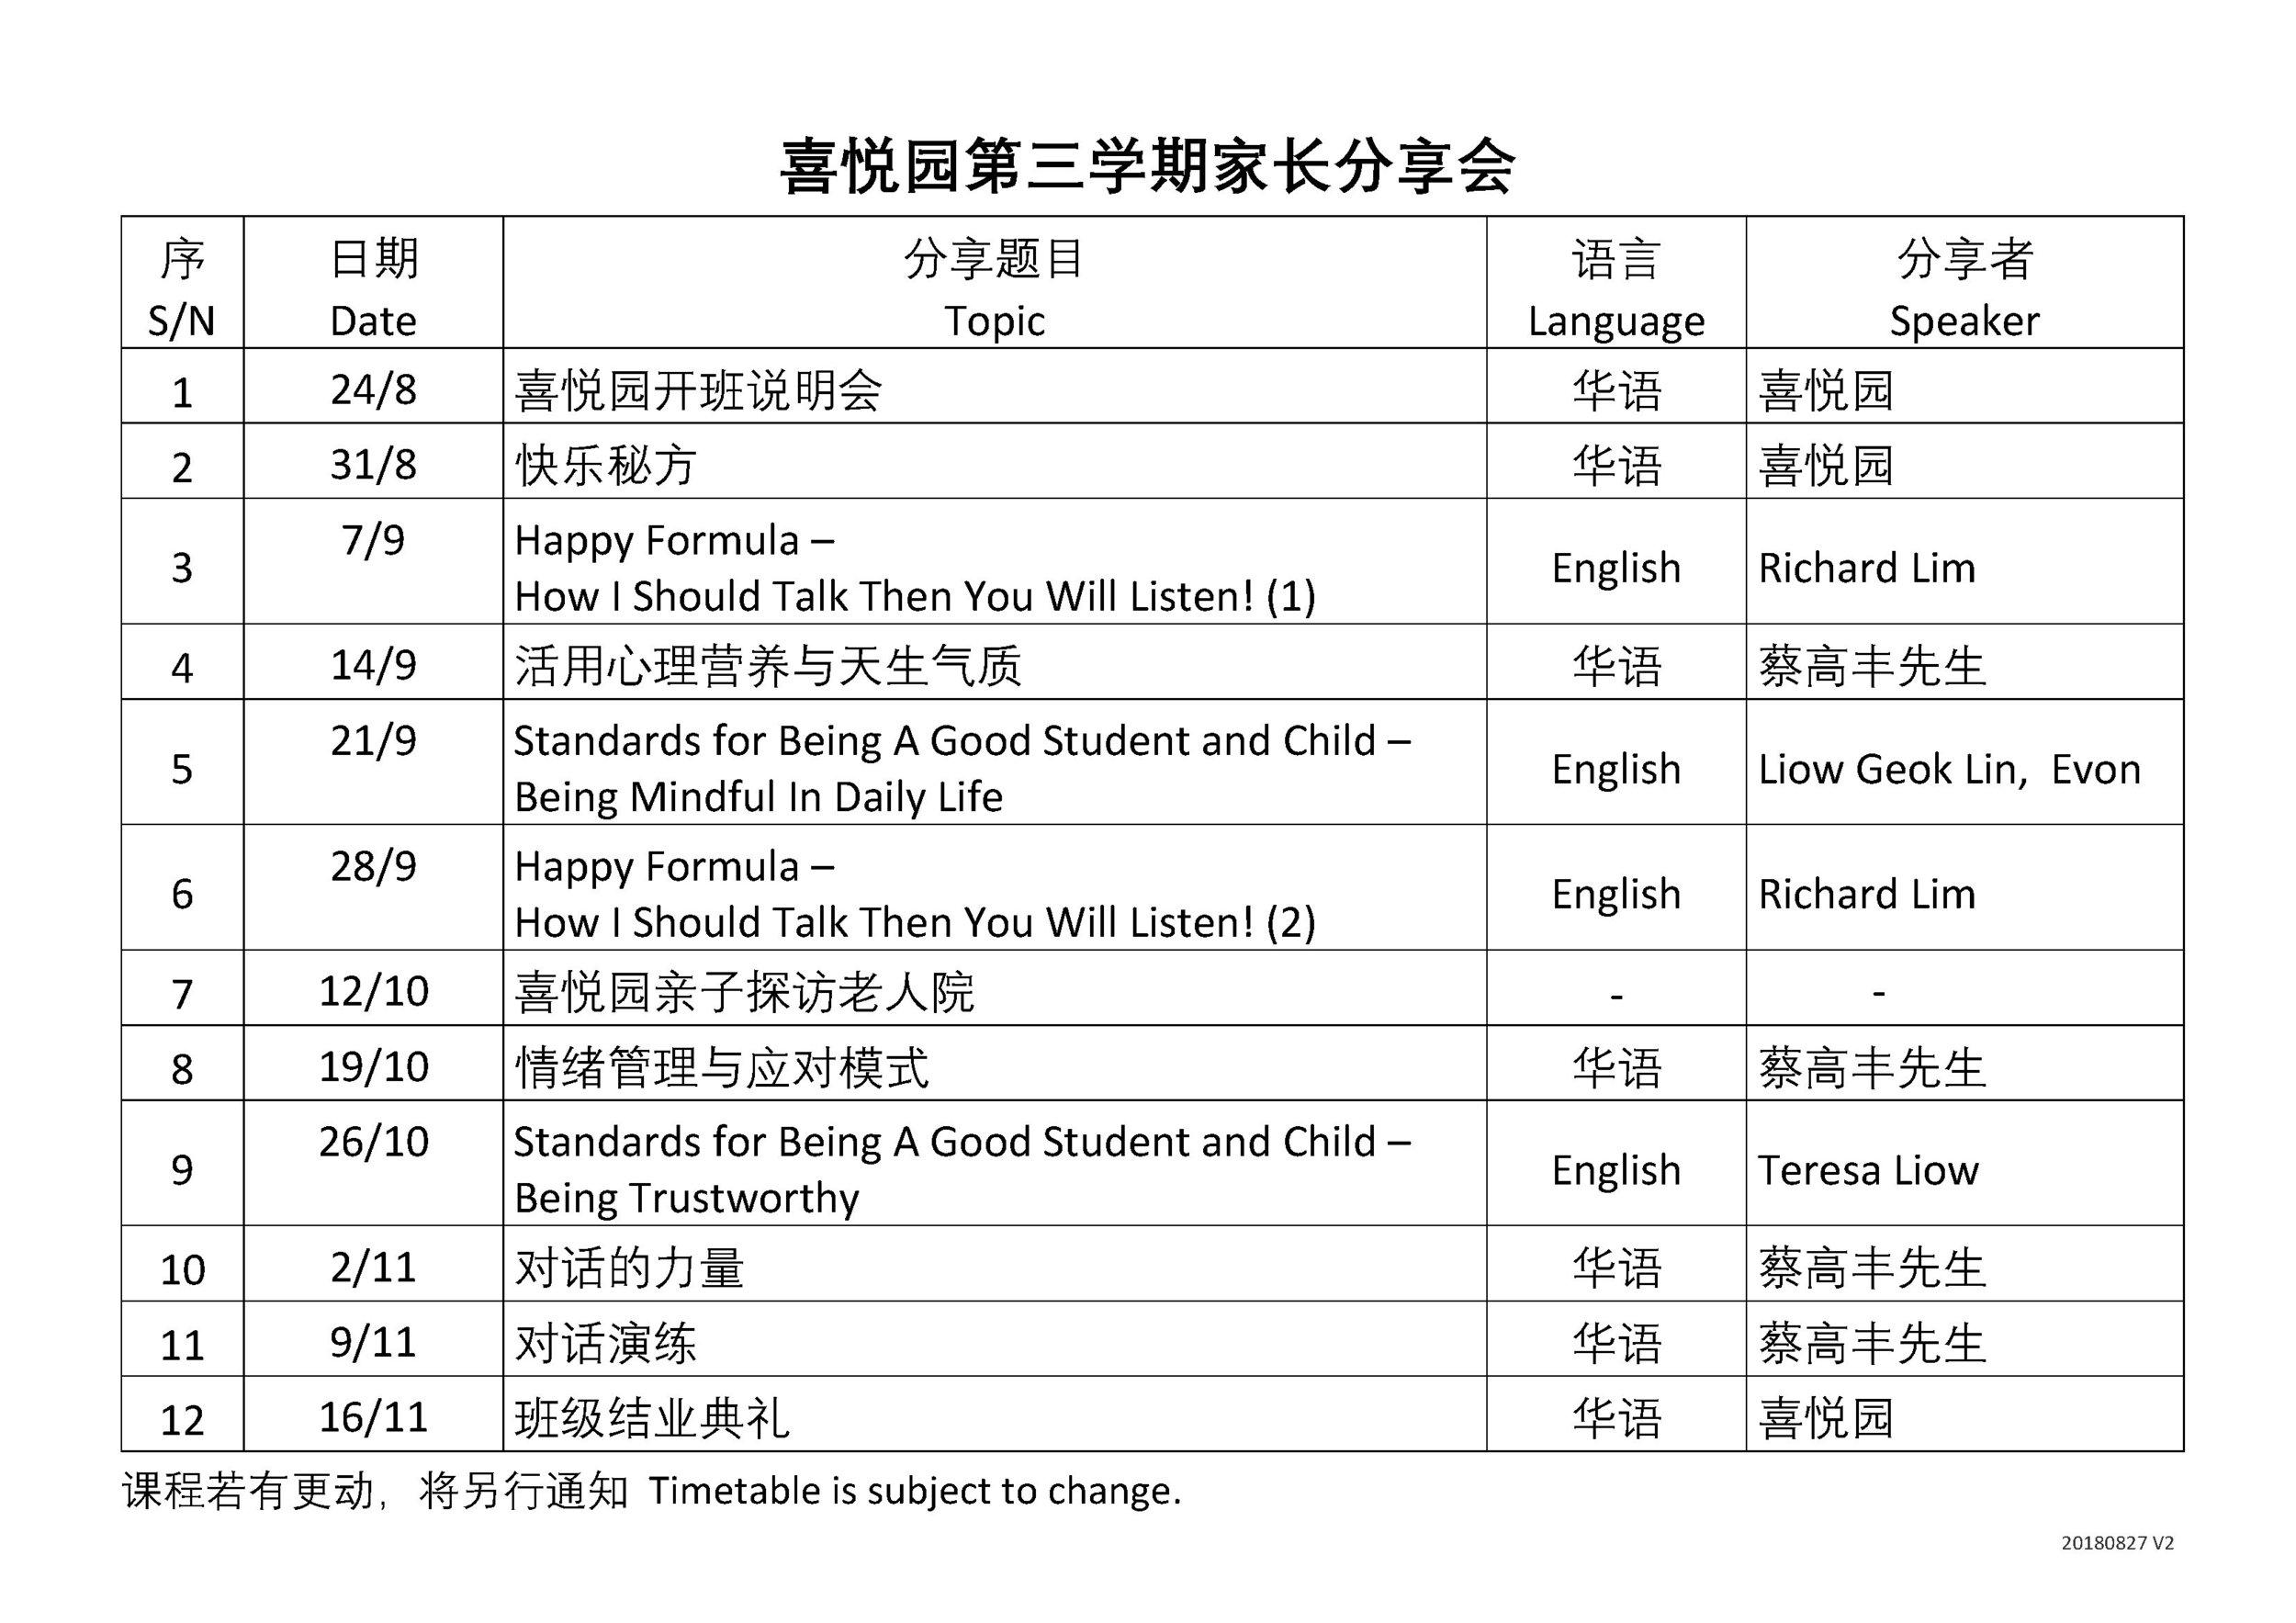 喜悦园第三学期家长分享会通告 20180827 V2.jpg